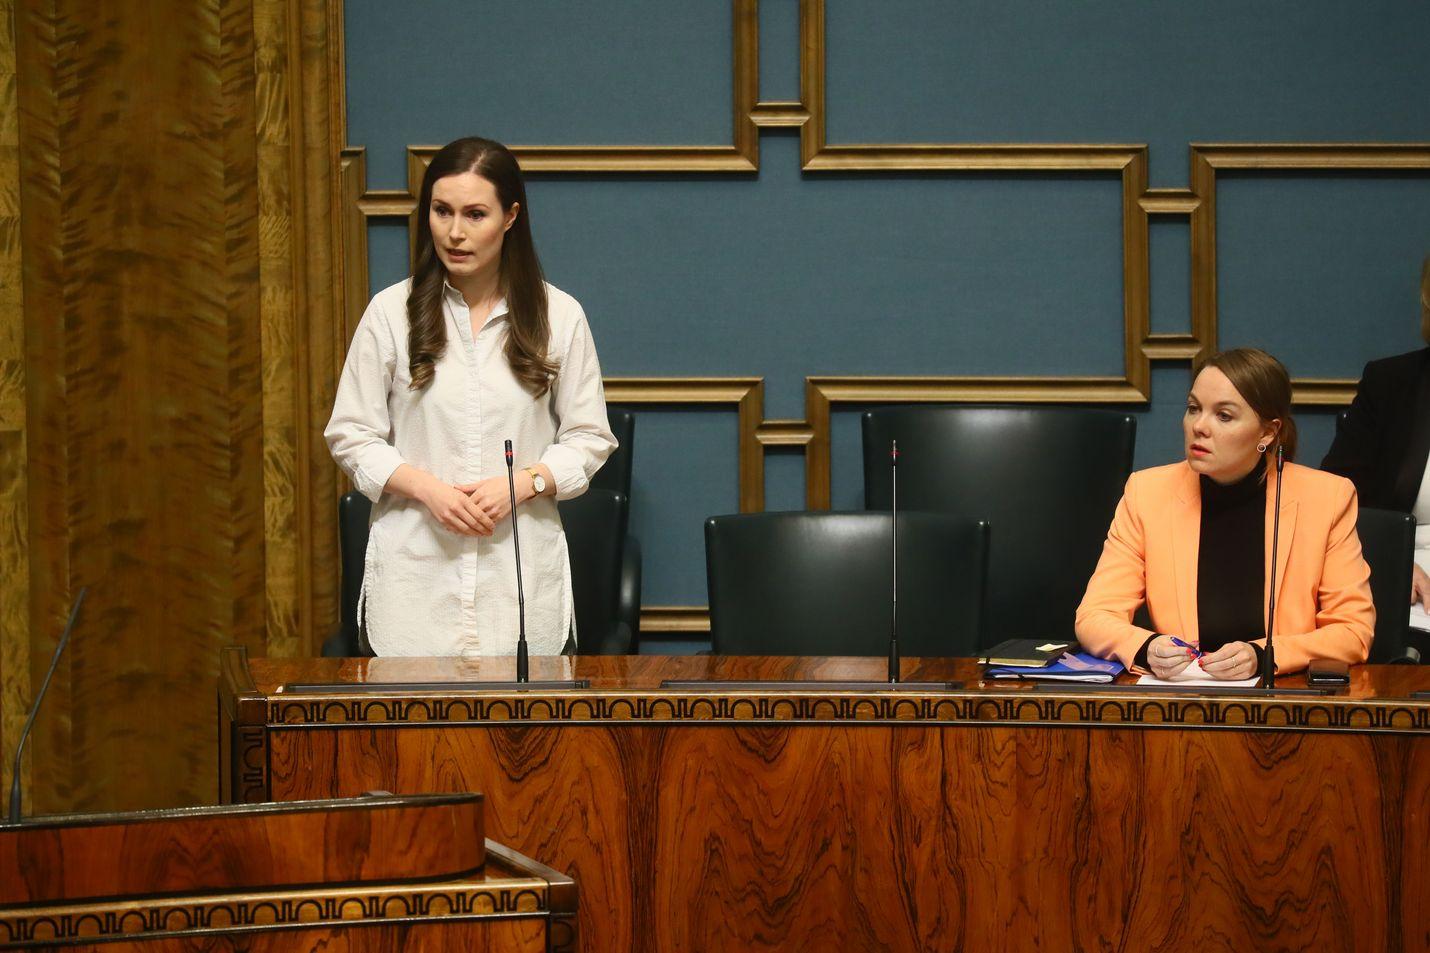 Pääministeri Sanna Marinin mukaan hallitus ei voi luvata, että se aina onnistuu sataprosenttisesti kaikissa toimissaan, vaikka siihen pyrkiikin.